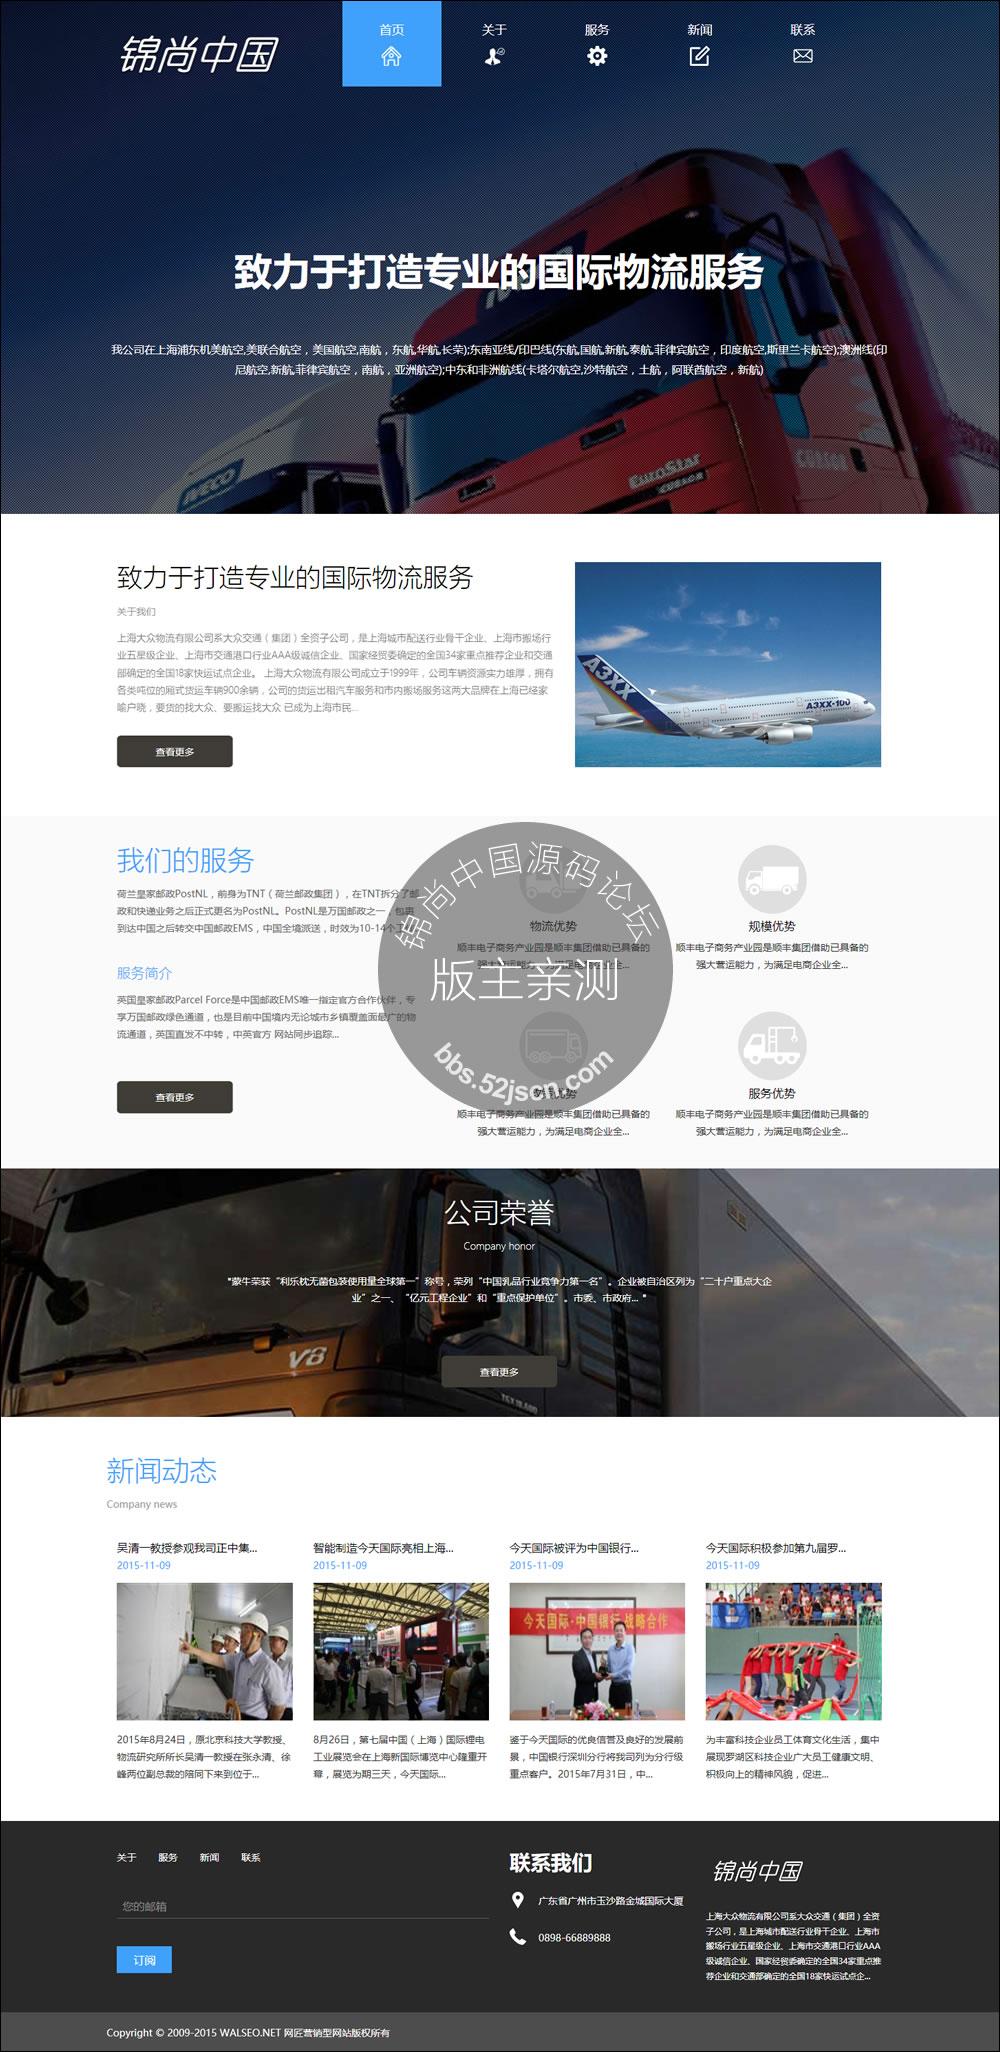 HTML5自适应响应式国际货运物流公司网站营销型网站.jpg